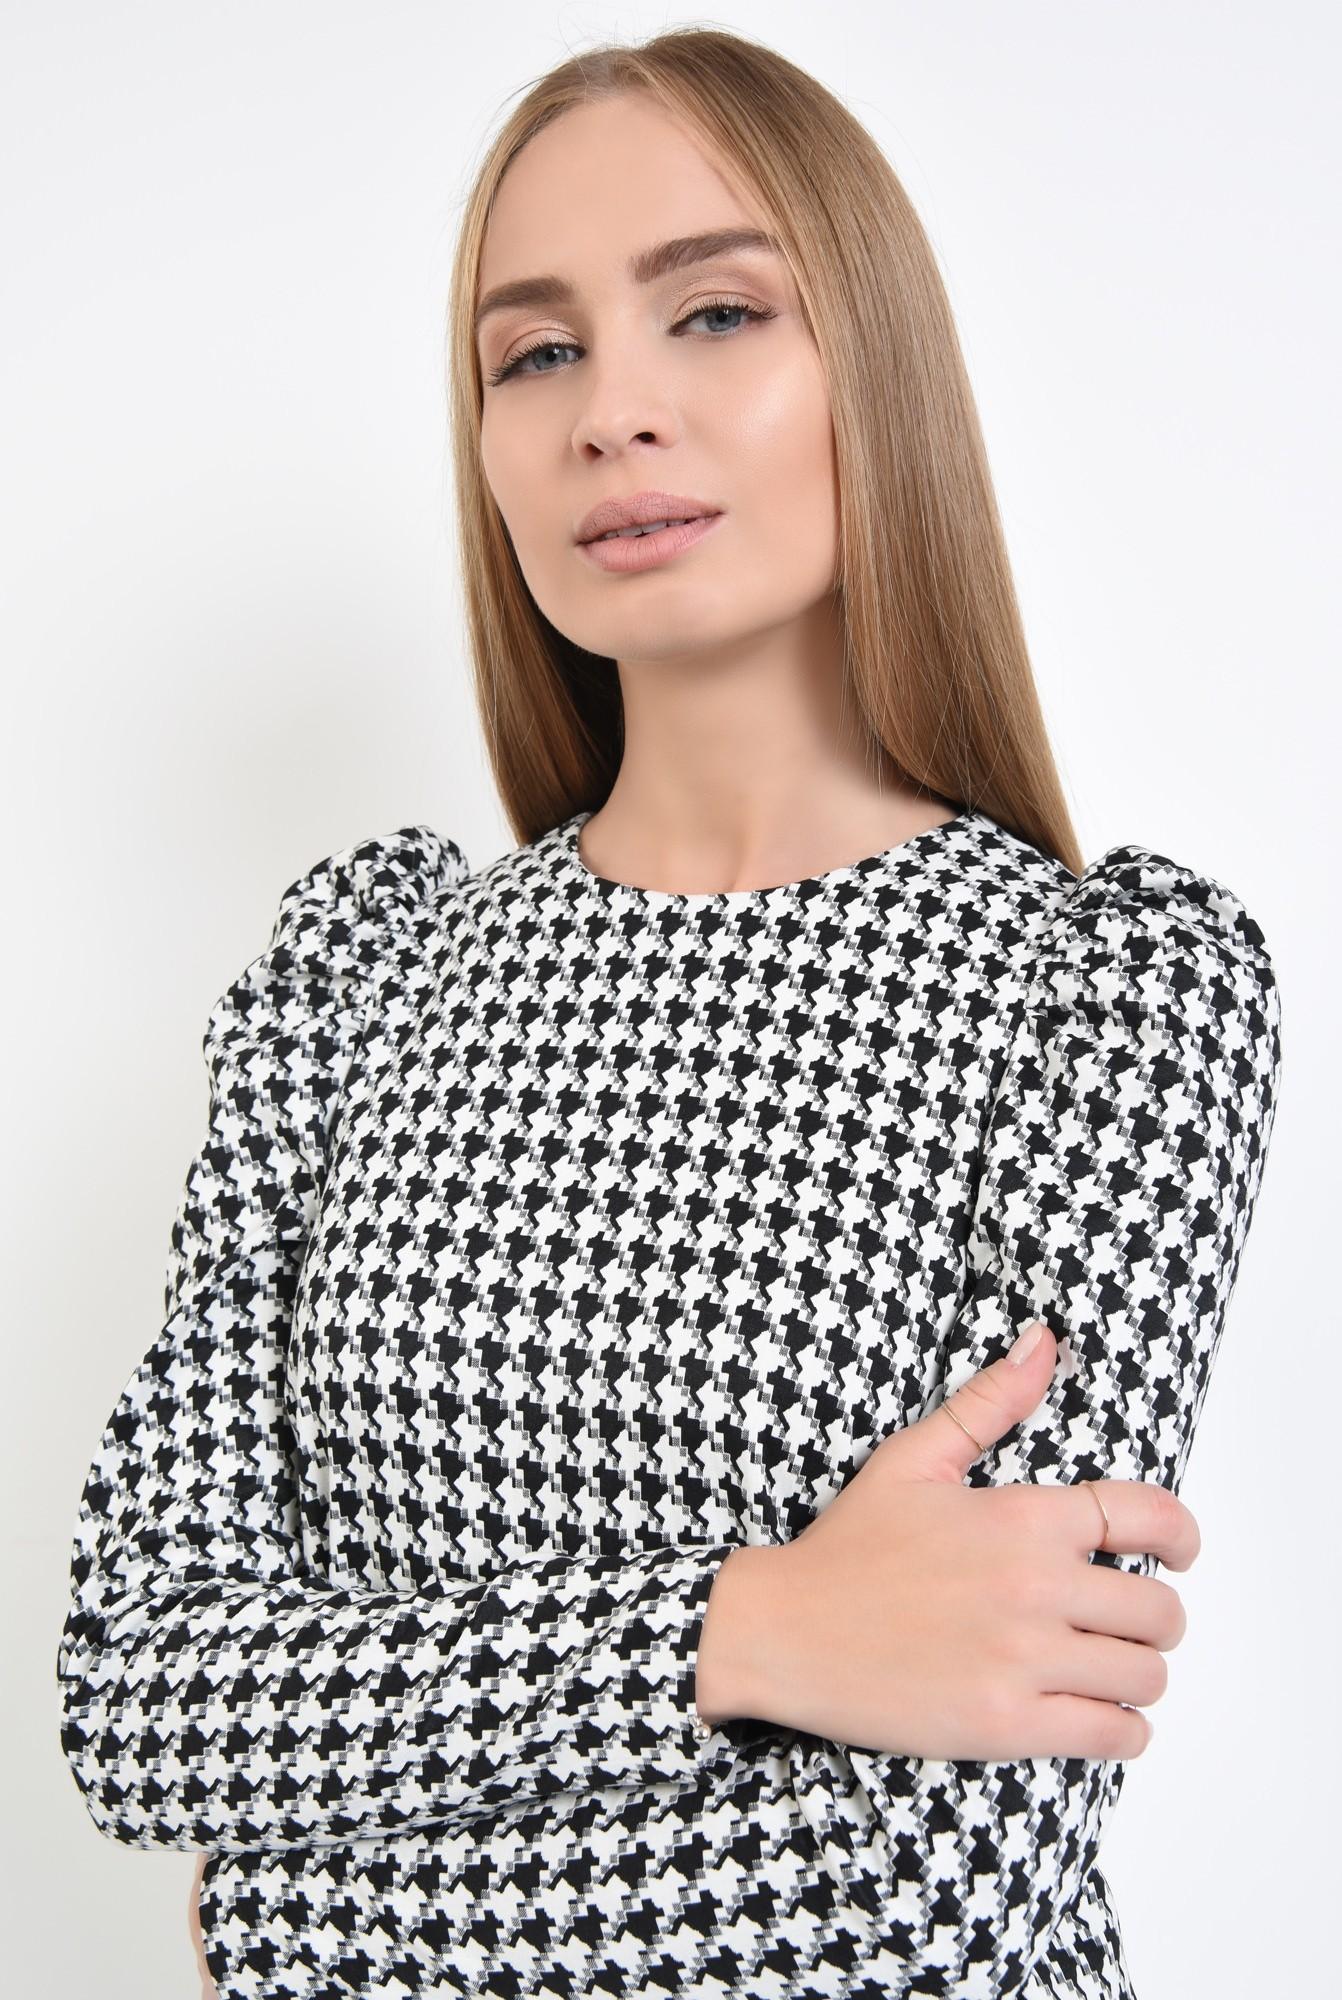 2 - 360 - rochie office, scurta, croi drept, maneci lungi, pepit, alb-negru